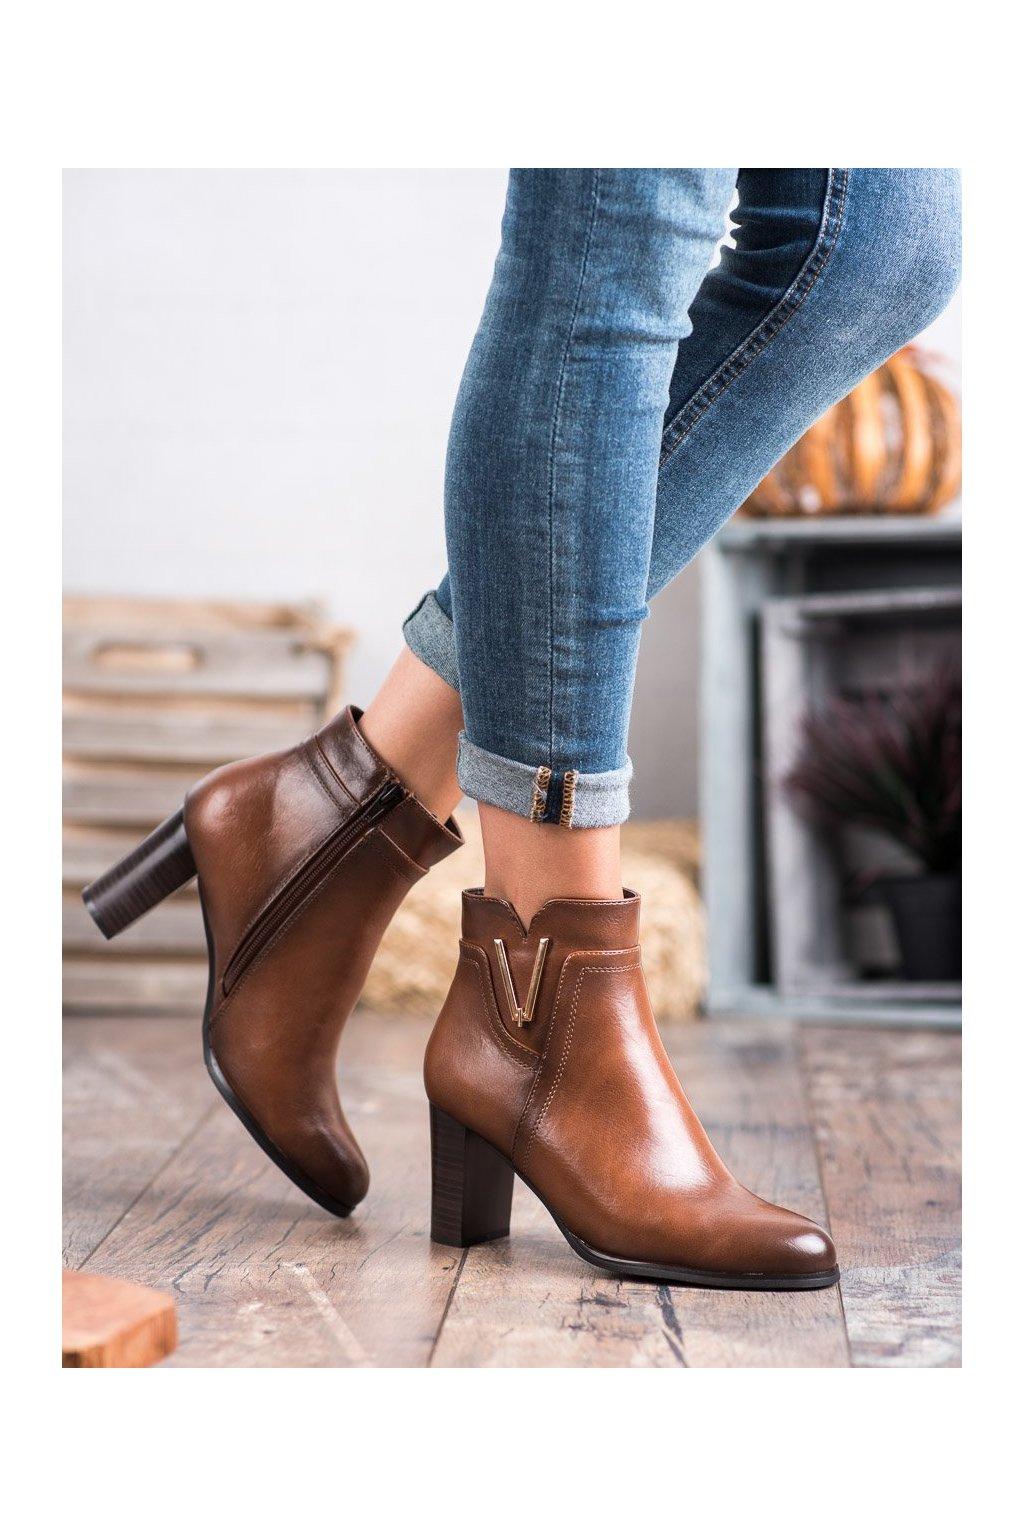 Hnedé dámske topánky Vinceza kod XY20-10491C